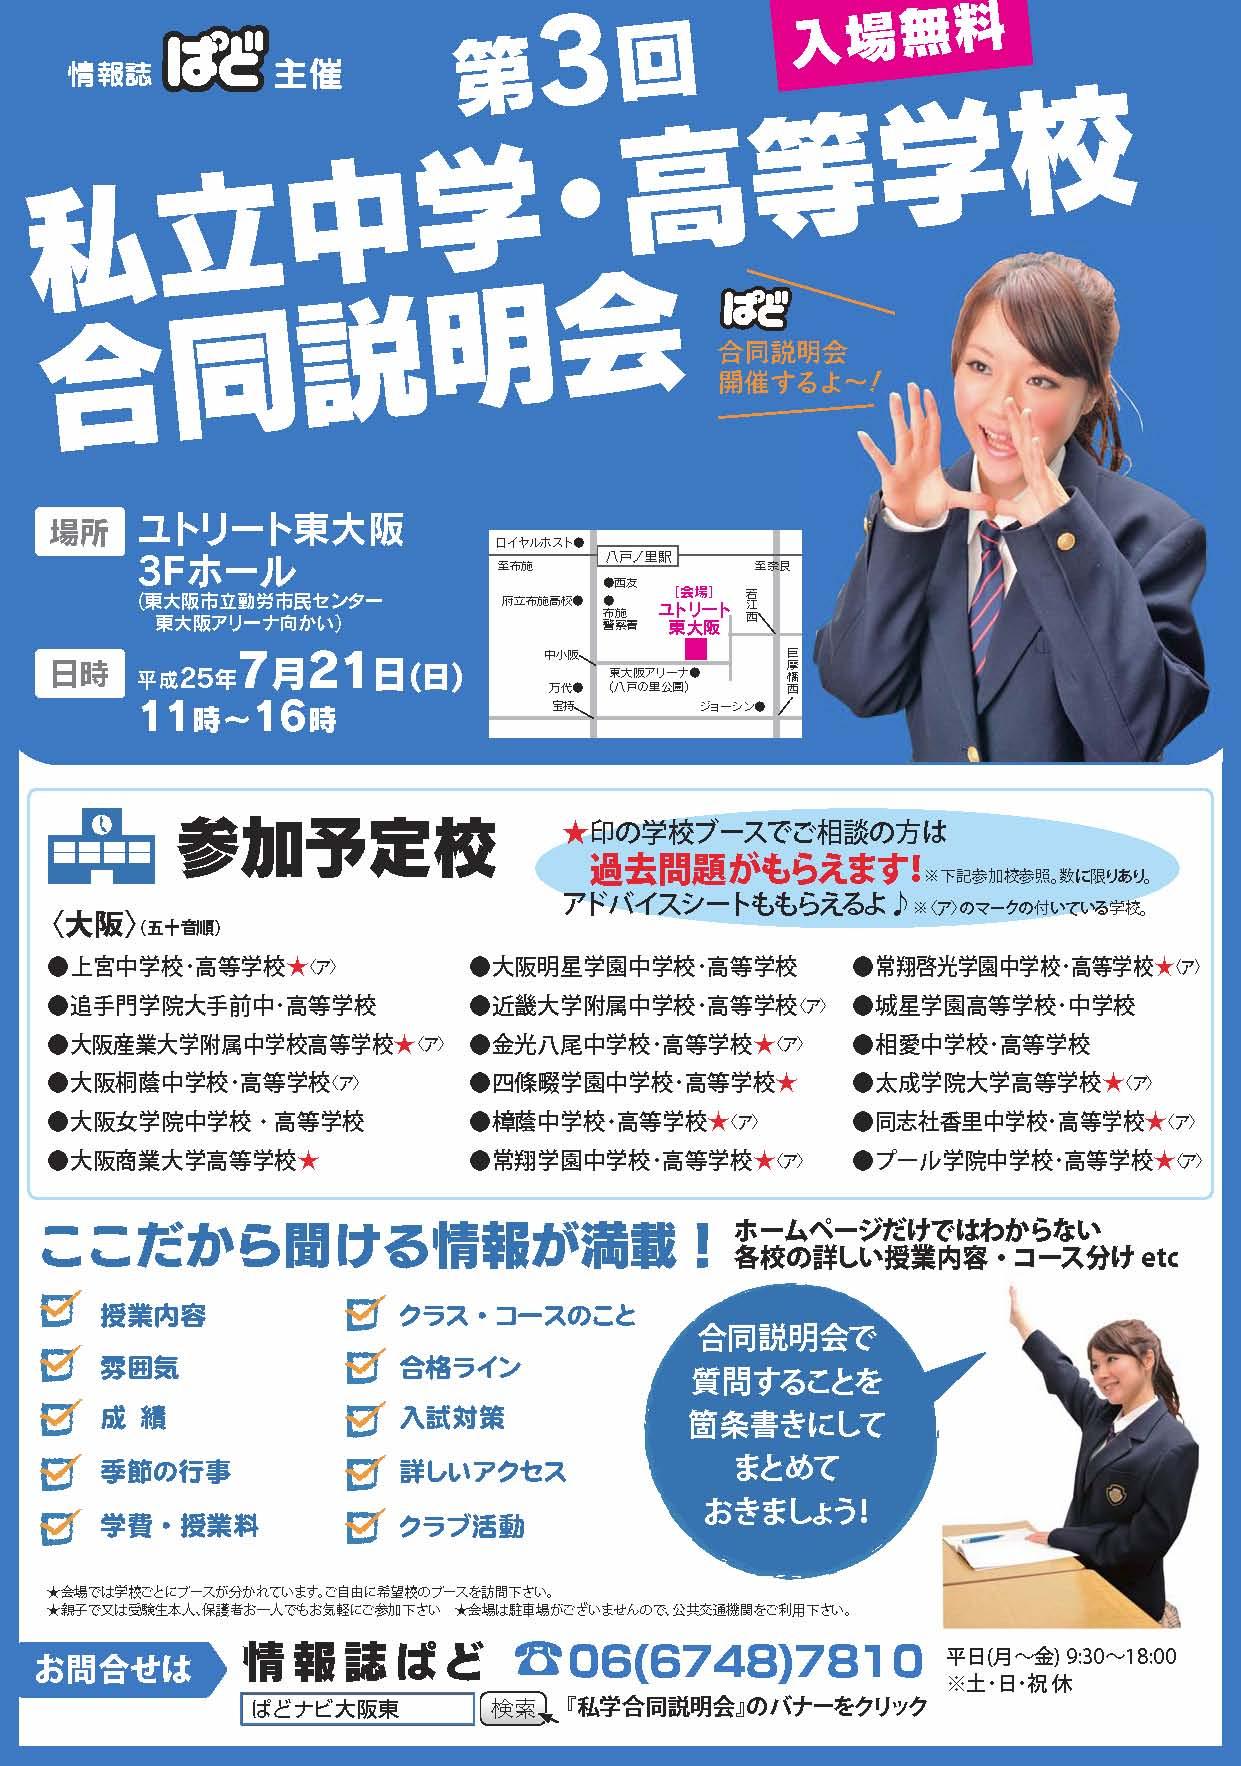 私立 高校 大阪